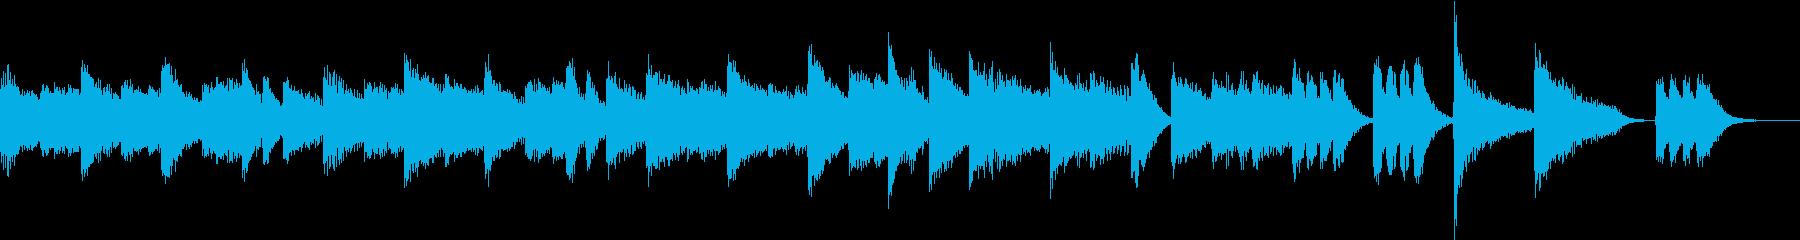 興奮と感動、声援を描いたピアノジングルの再生済みの波形